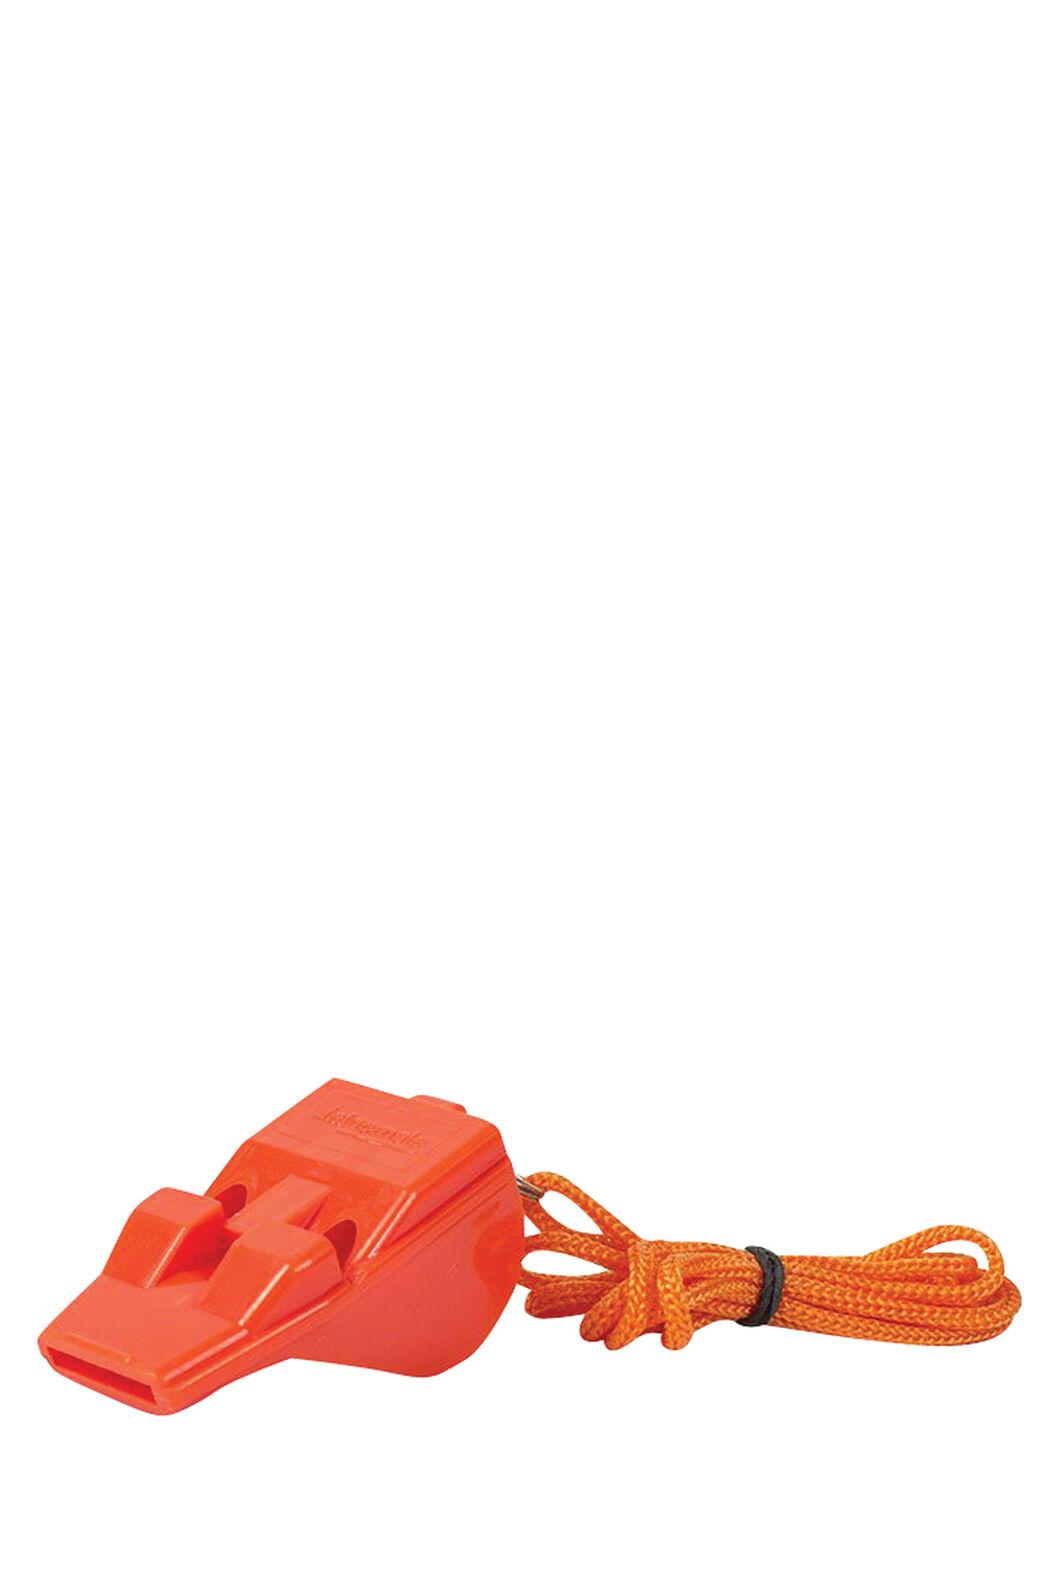 Primus Plastic Whistle, None, hi-res